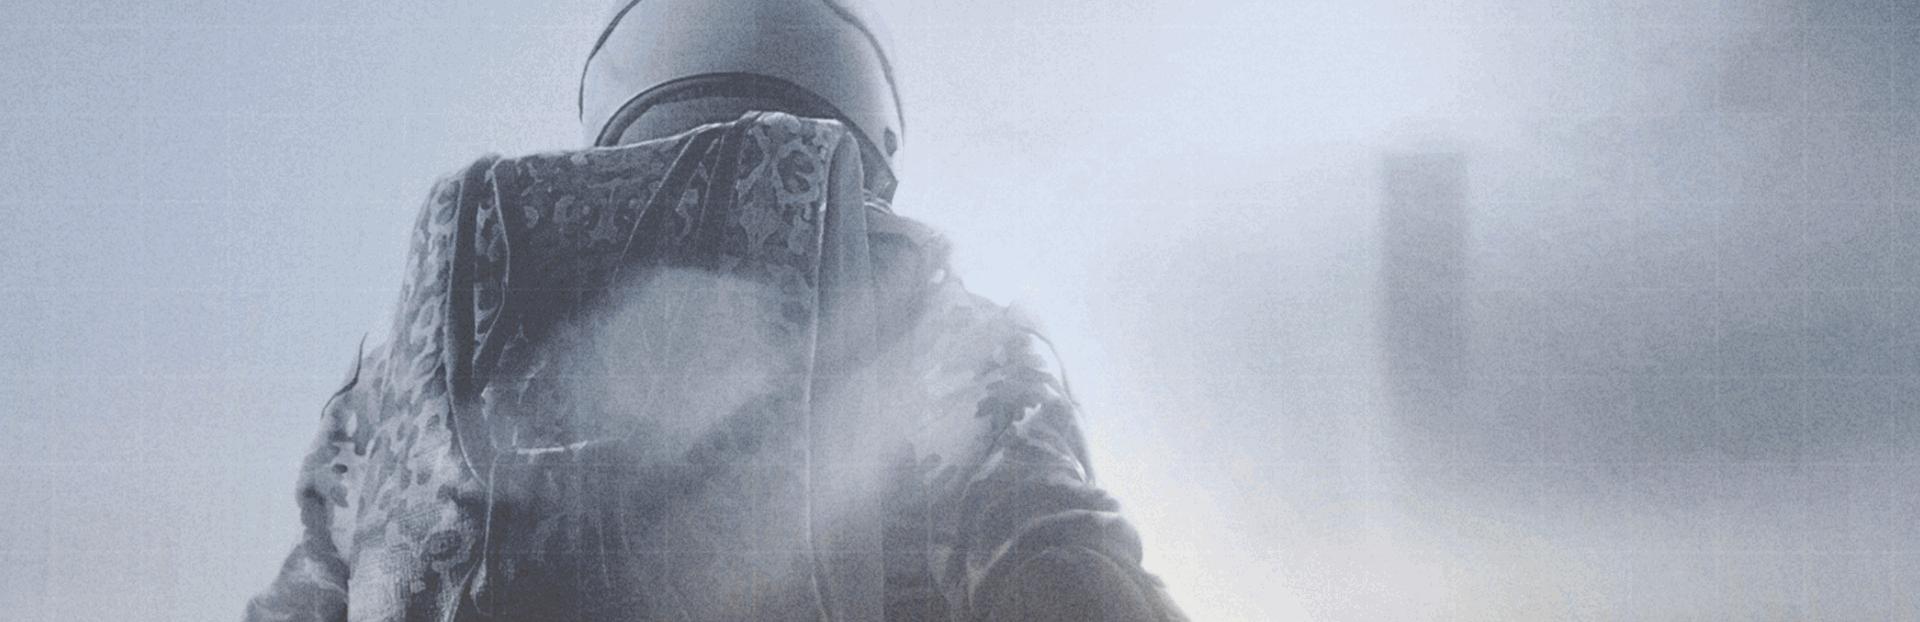 Королевскую битву в VR заказывали? Релиз Virtual Battlegrounds